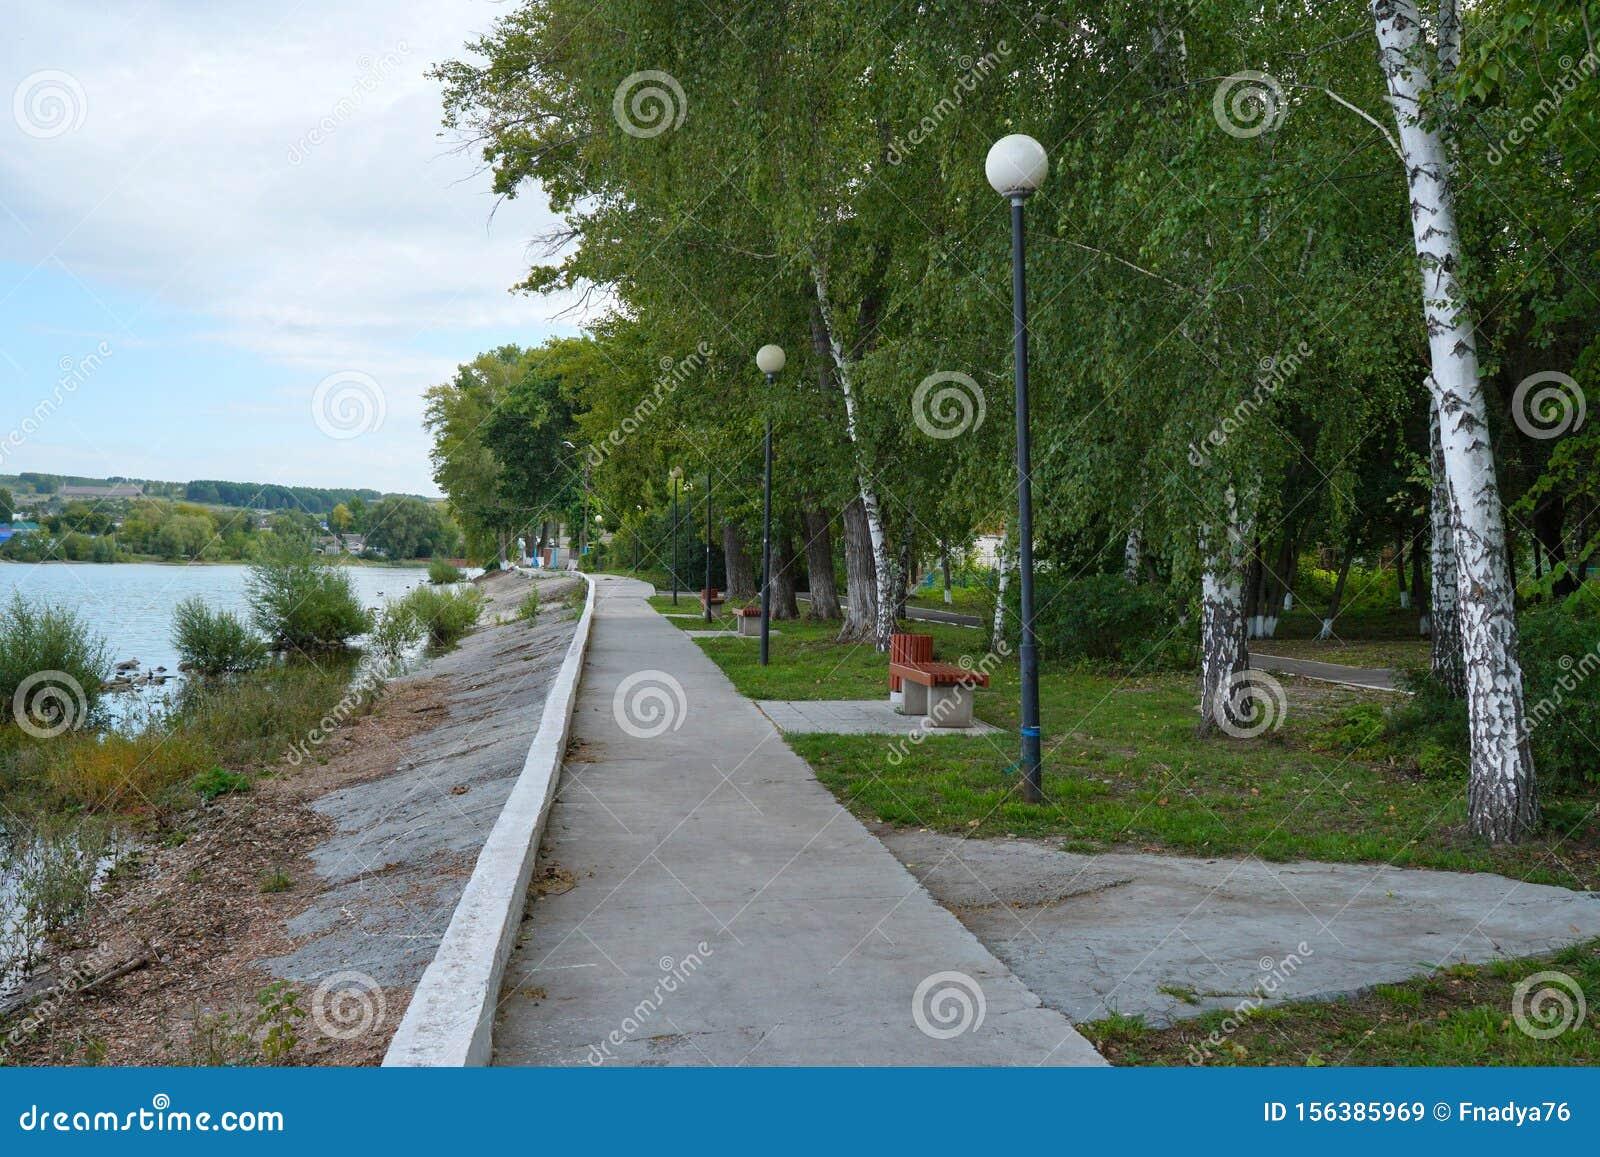 Embankment by the Volga River. Ulyanovsk Region. Sengiley city.